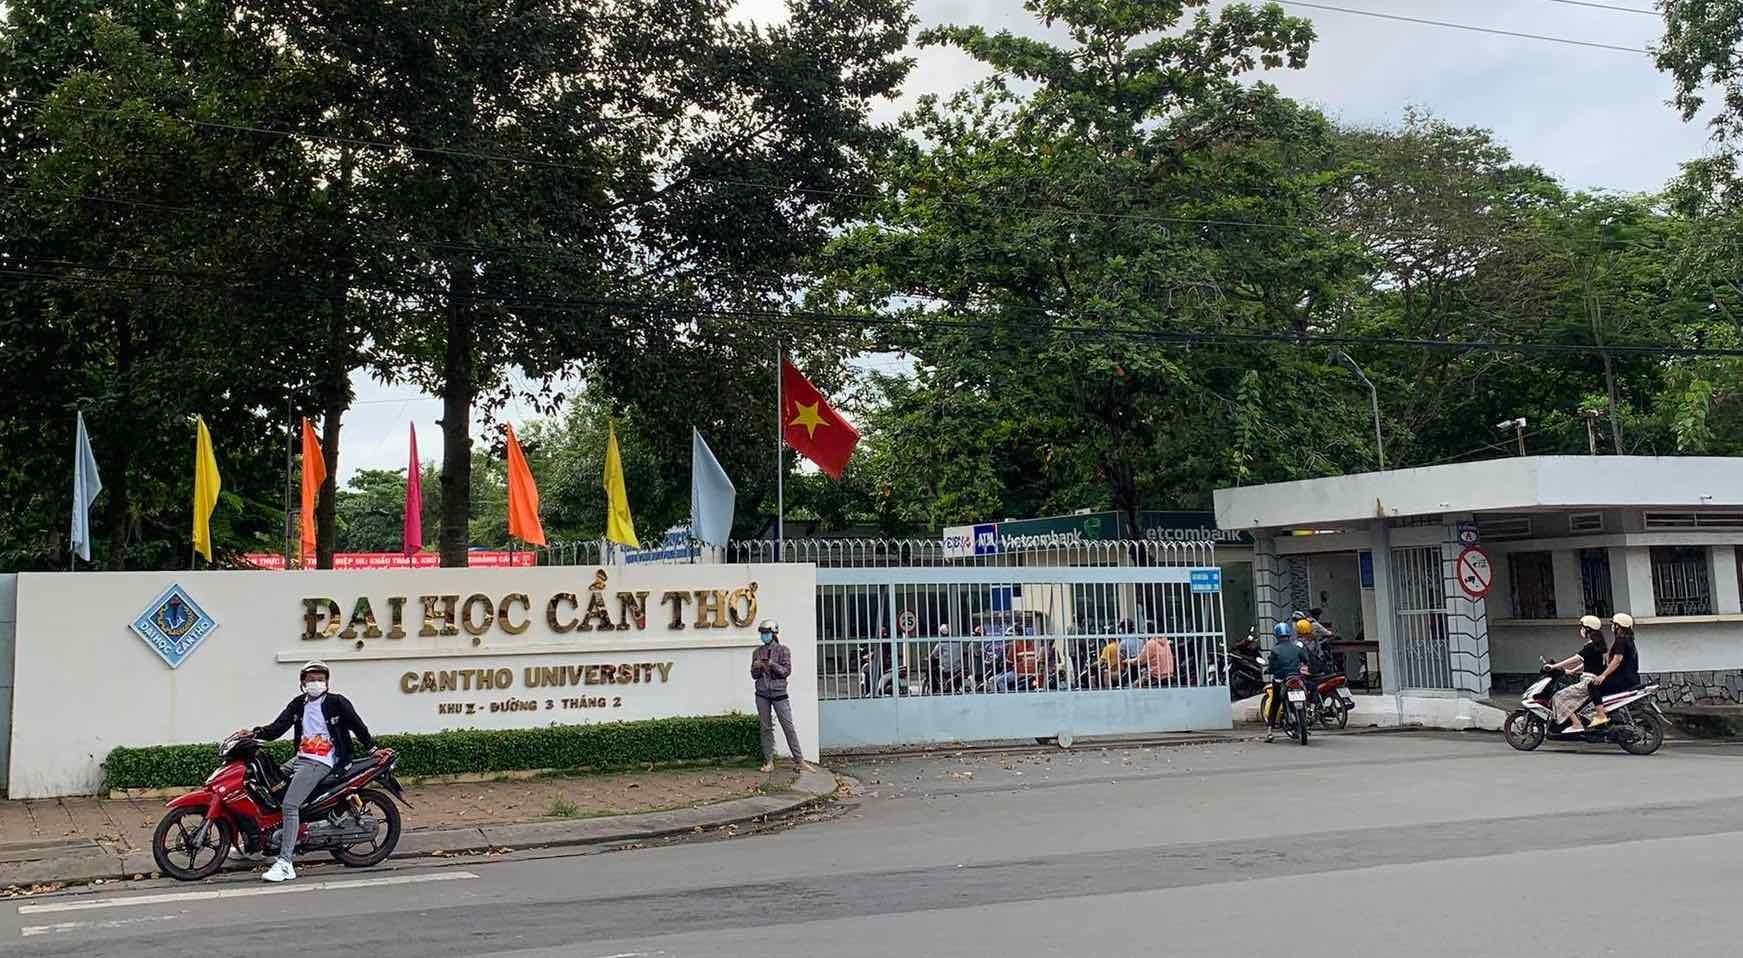 Phê duyệt chủ trương thành lập 4 trường trực thuộc ĐH Cần Thơ